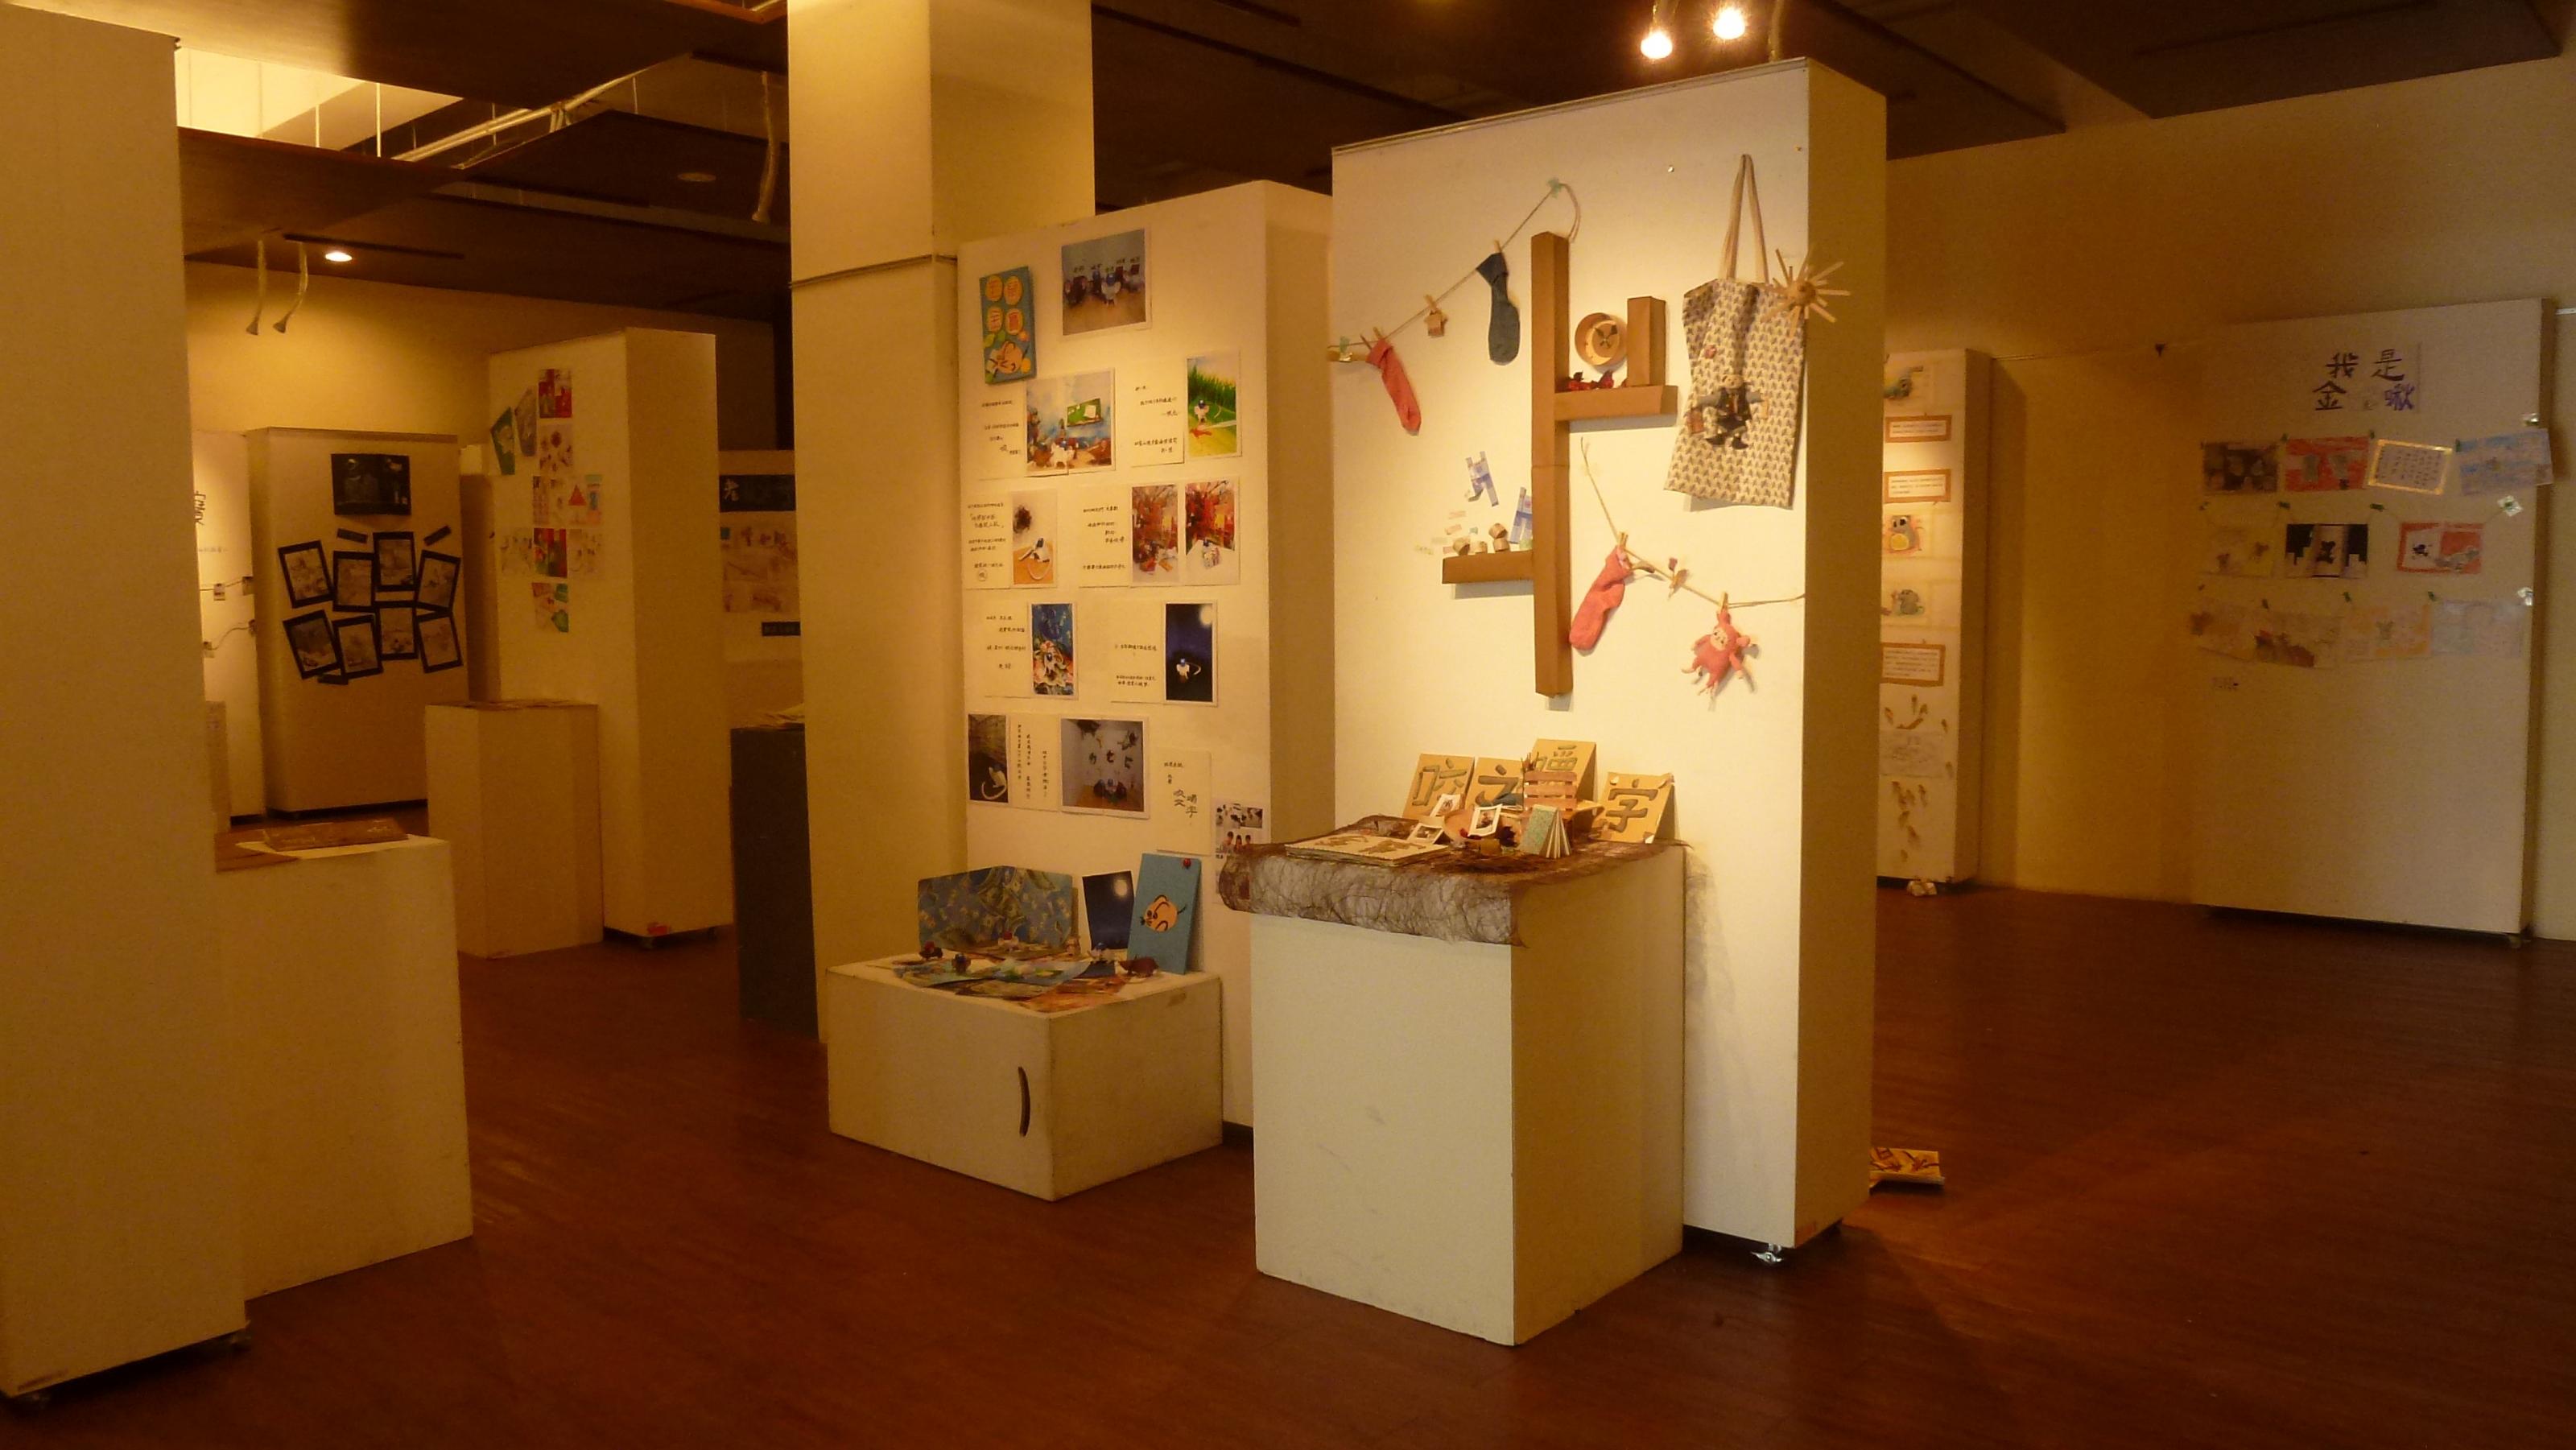 展览地点:大叶大学设计暨艺术学院g112学习及展览空间